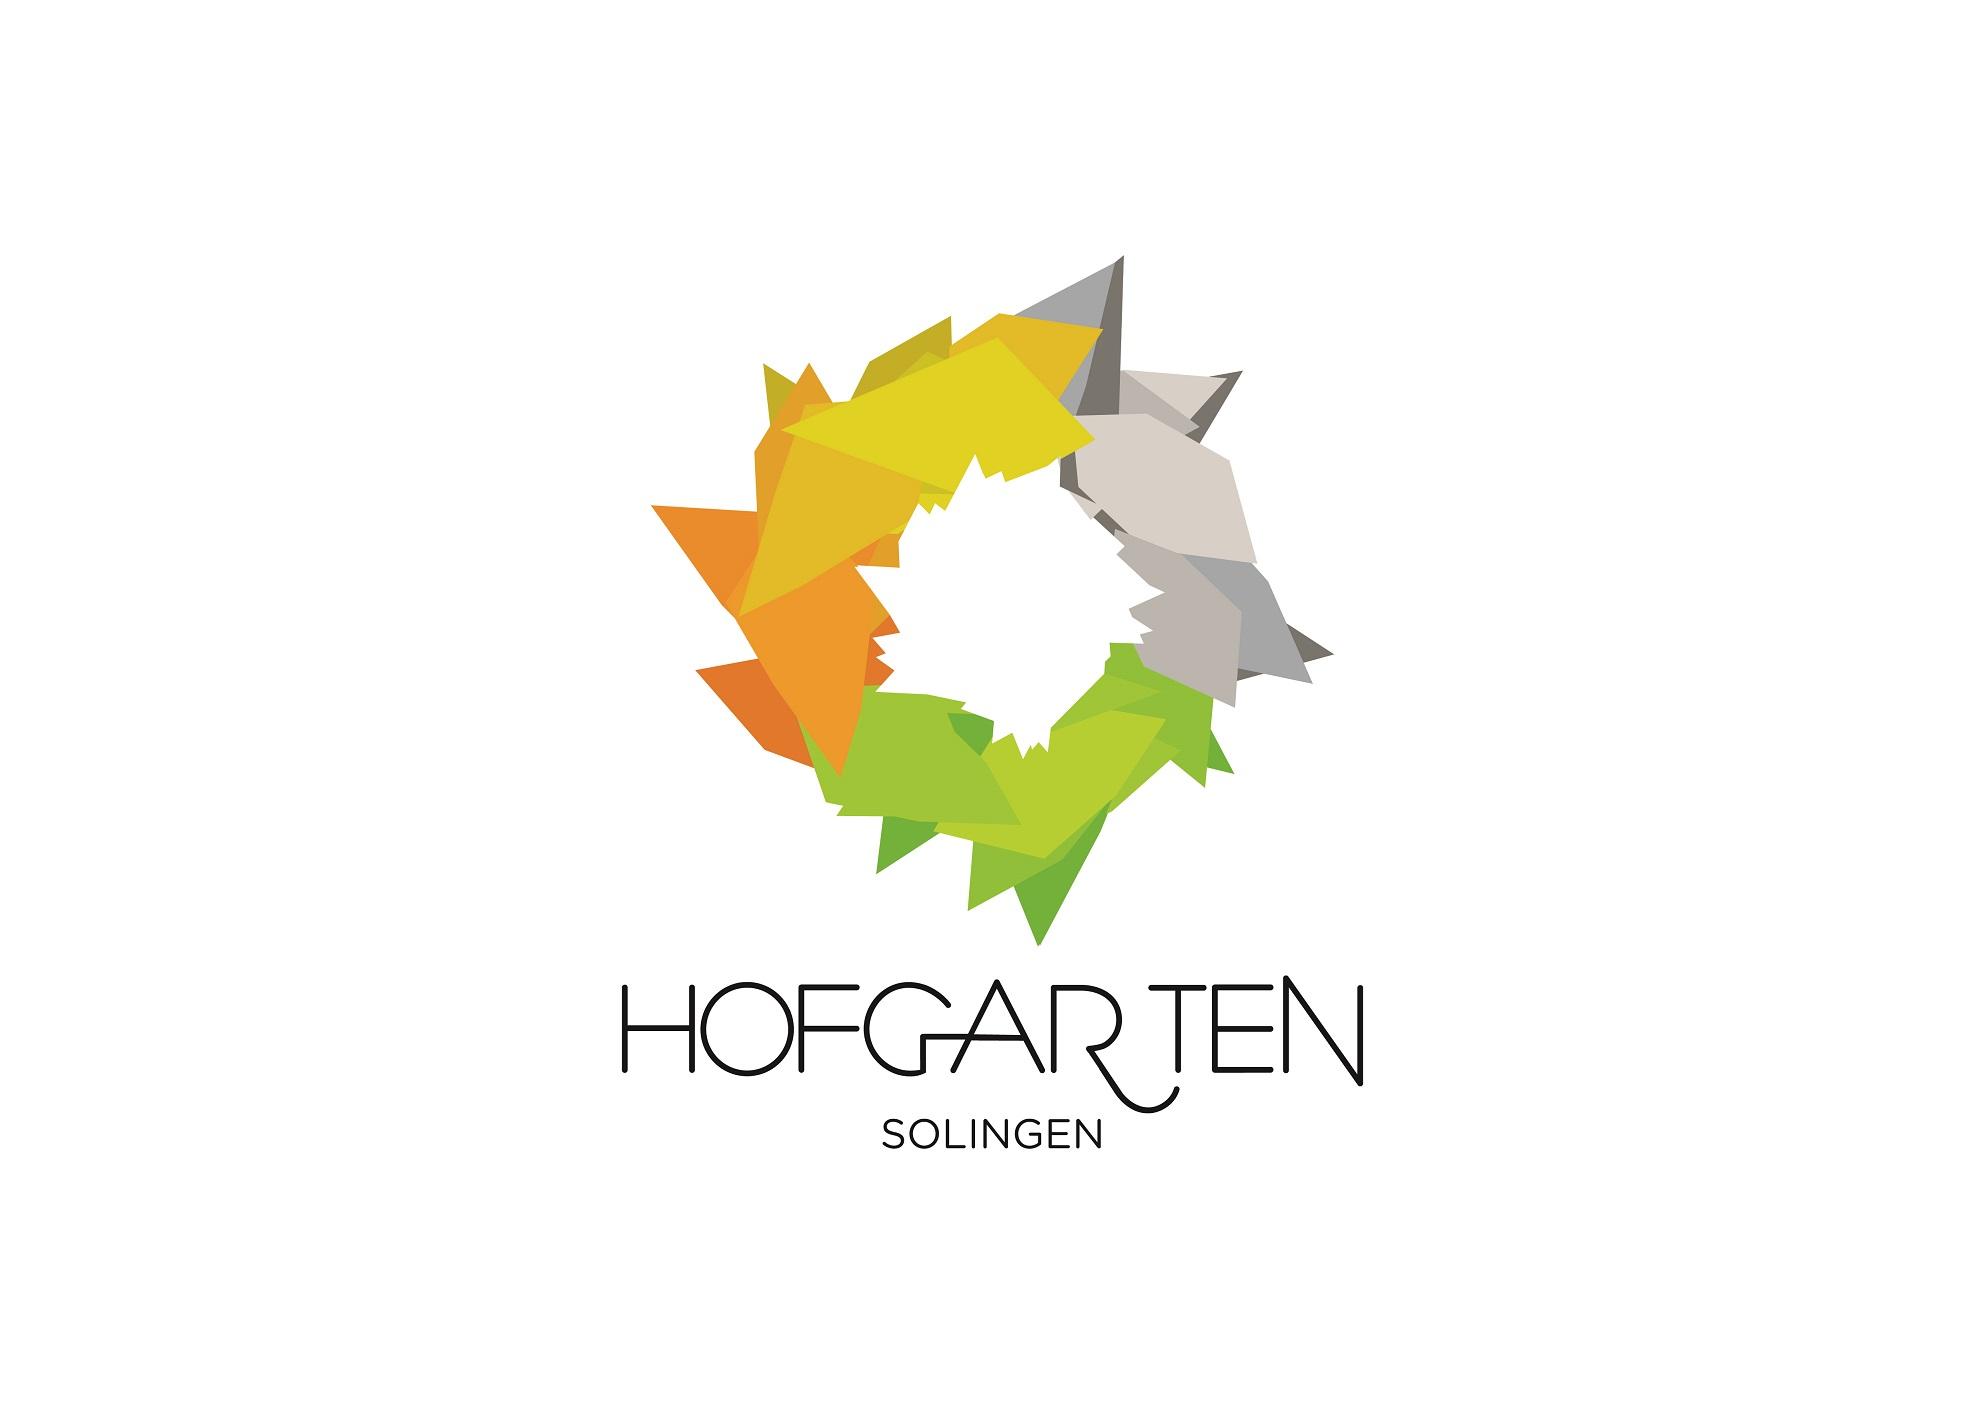 XXL-Ostereier-Ausstellung im HOFGARTEN SOLINGEN